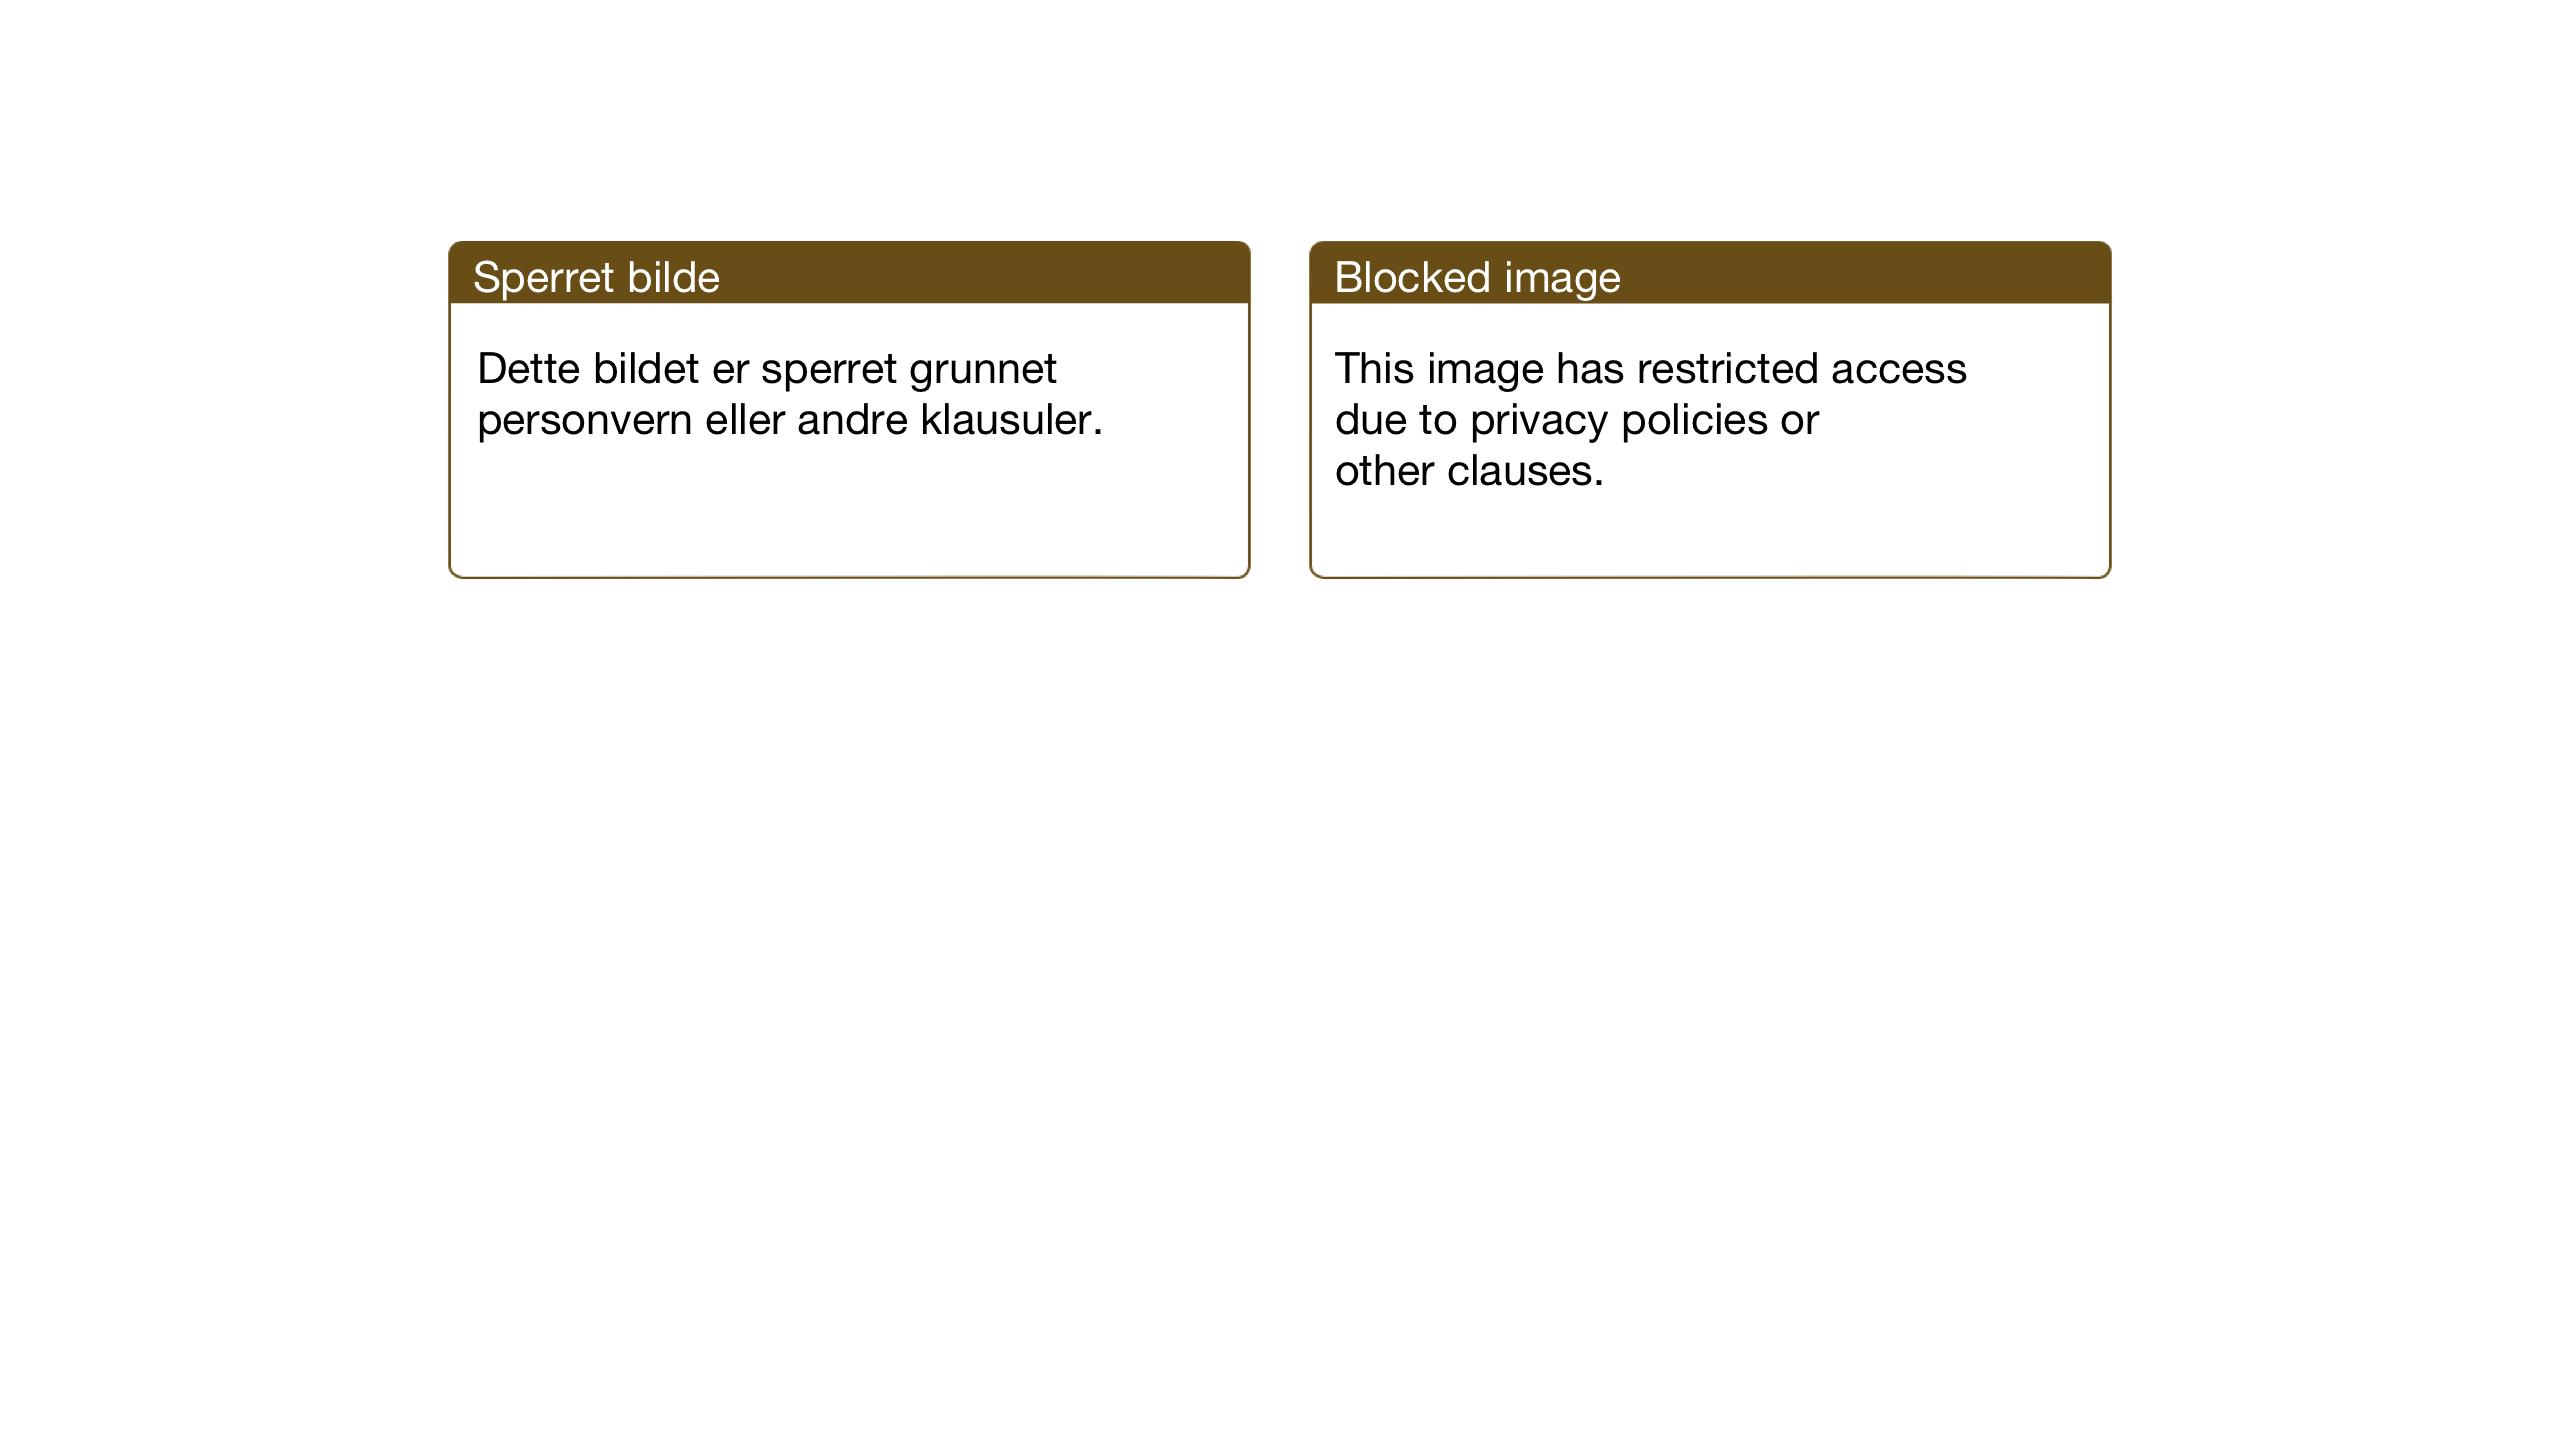 SAT, Ministerialprotokoller, klokkerbøker og fødselsregistre - Sør-Trøndelag, 631/L0515: Klokkerbok nr. 631C03, 1913-1939, s. 58